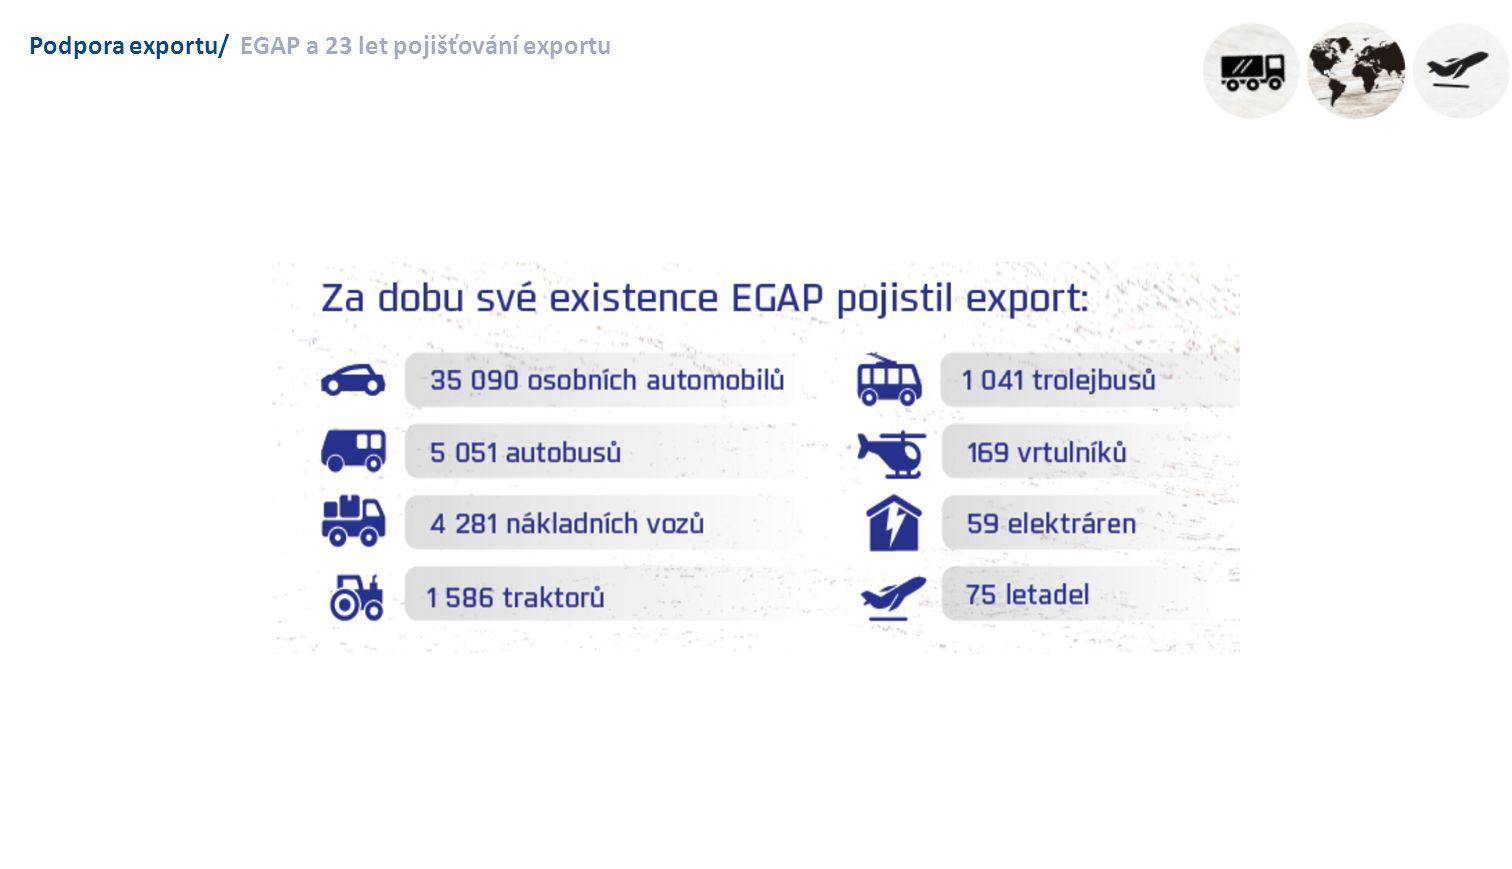 Podpora exportu/Celková angažovanost EGAP: 218 mld. Kč 218 mld. k 2/2016